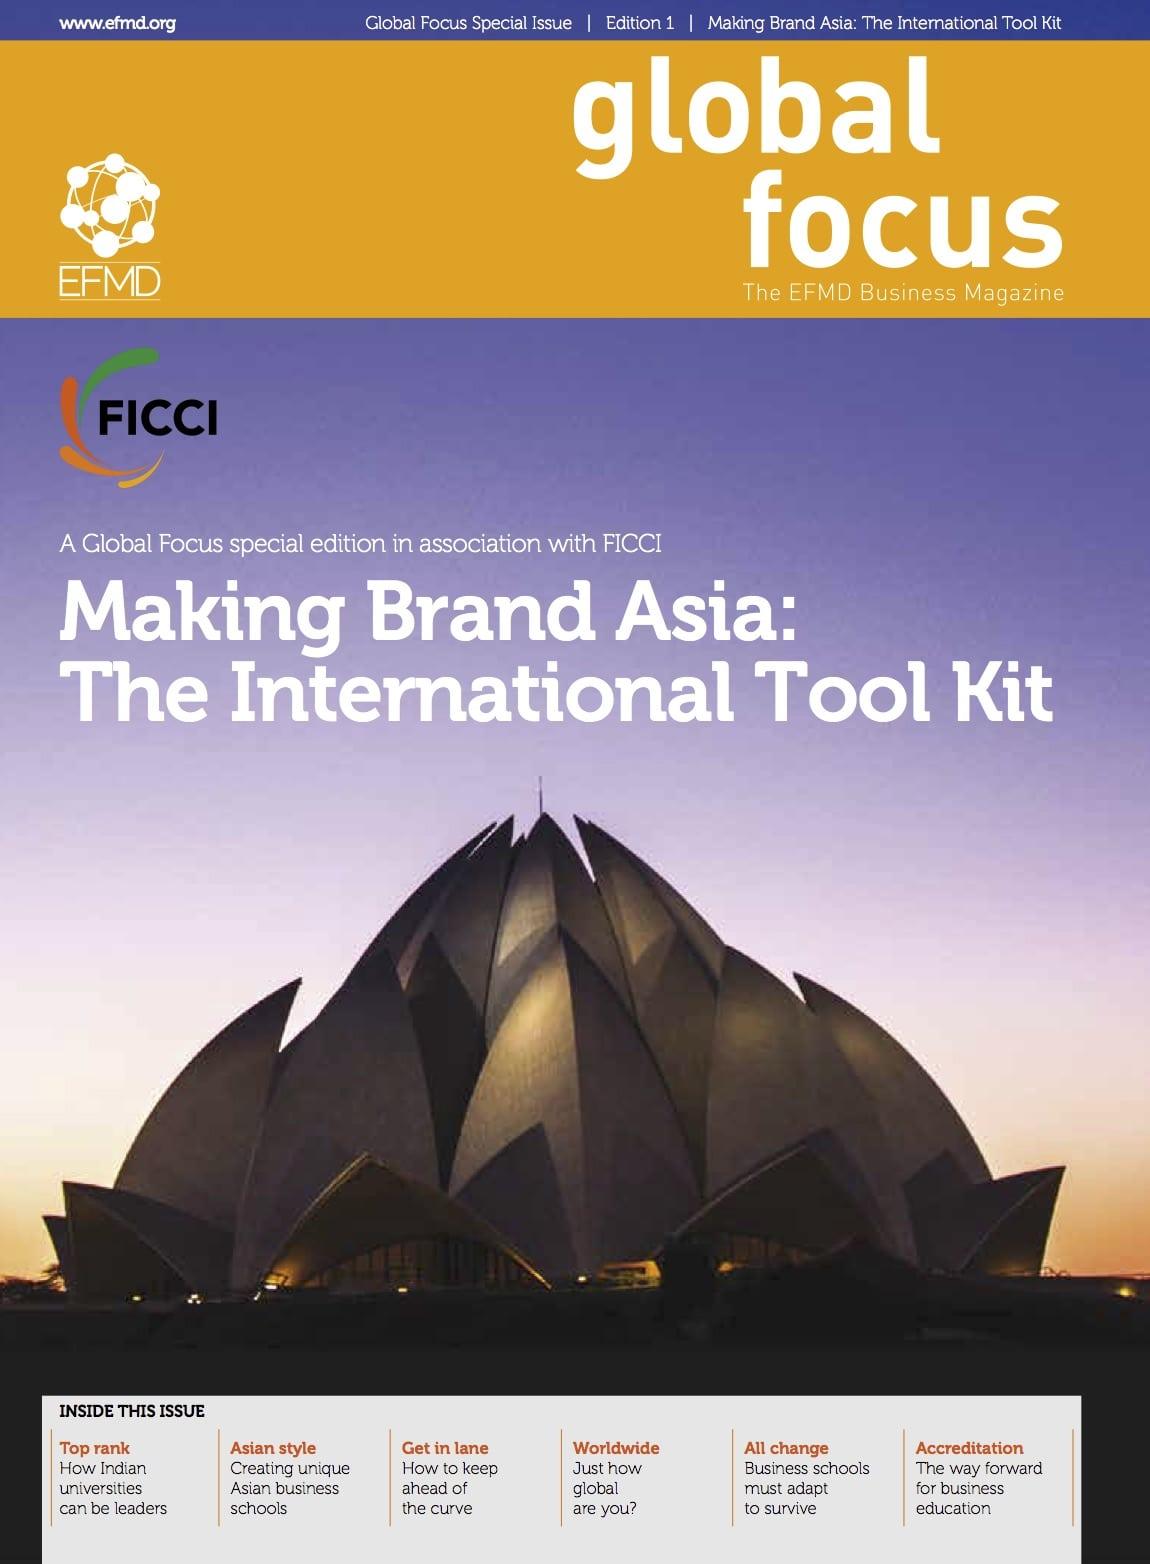 https://globalfocusmagazine.com/wp-content/uploads/2016/11/EFMD-Global-Focus_FICCI-Edition-1_ONLINE.pdf